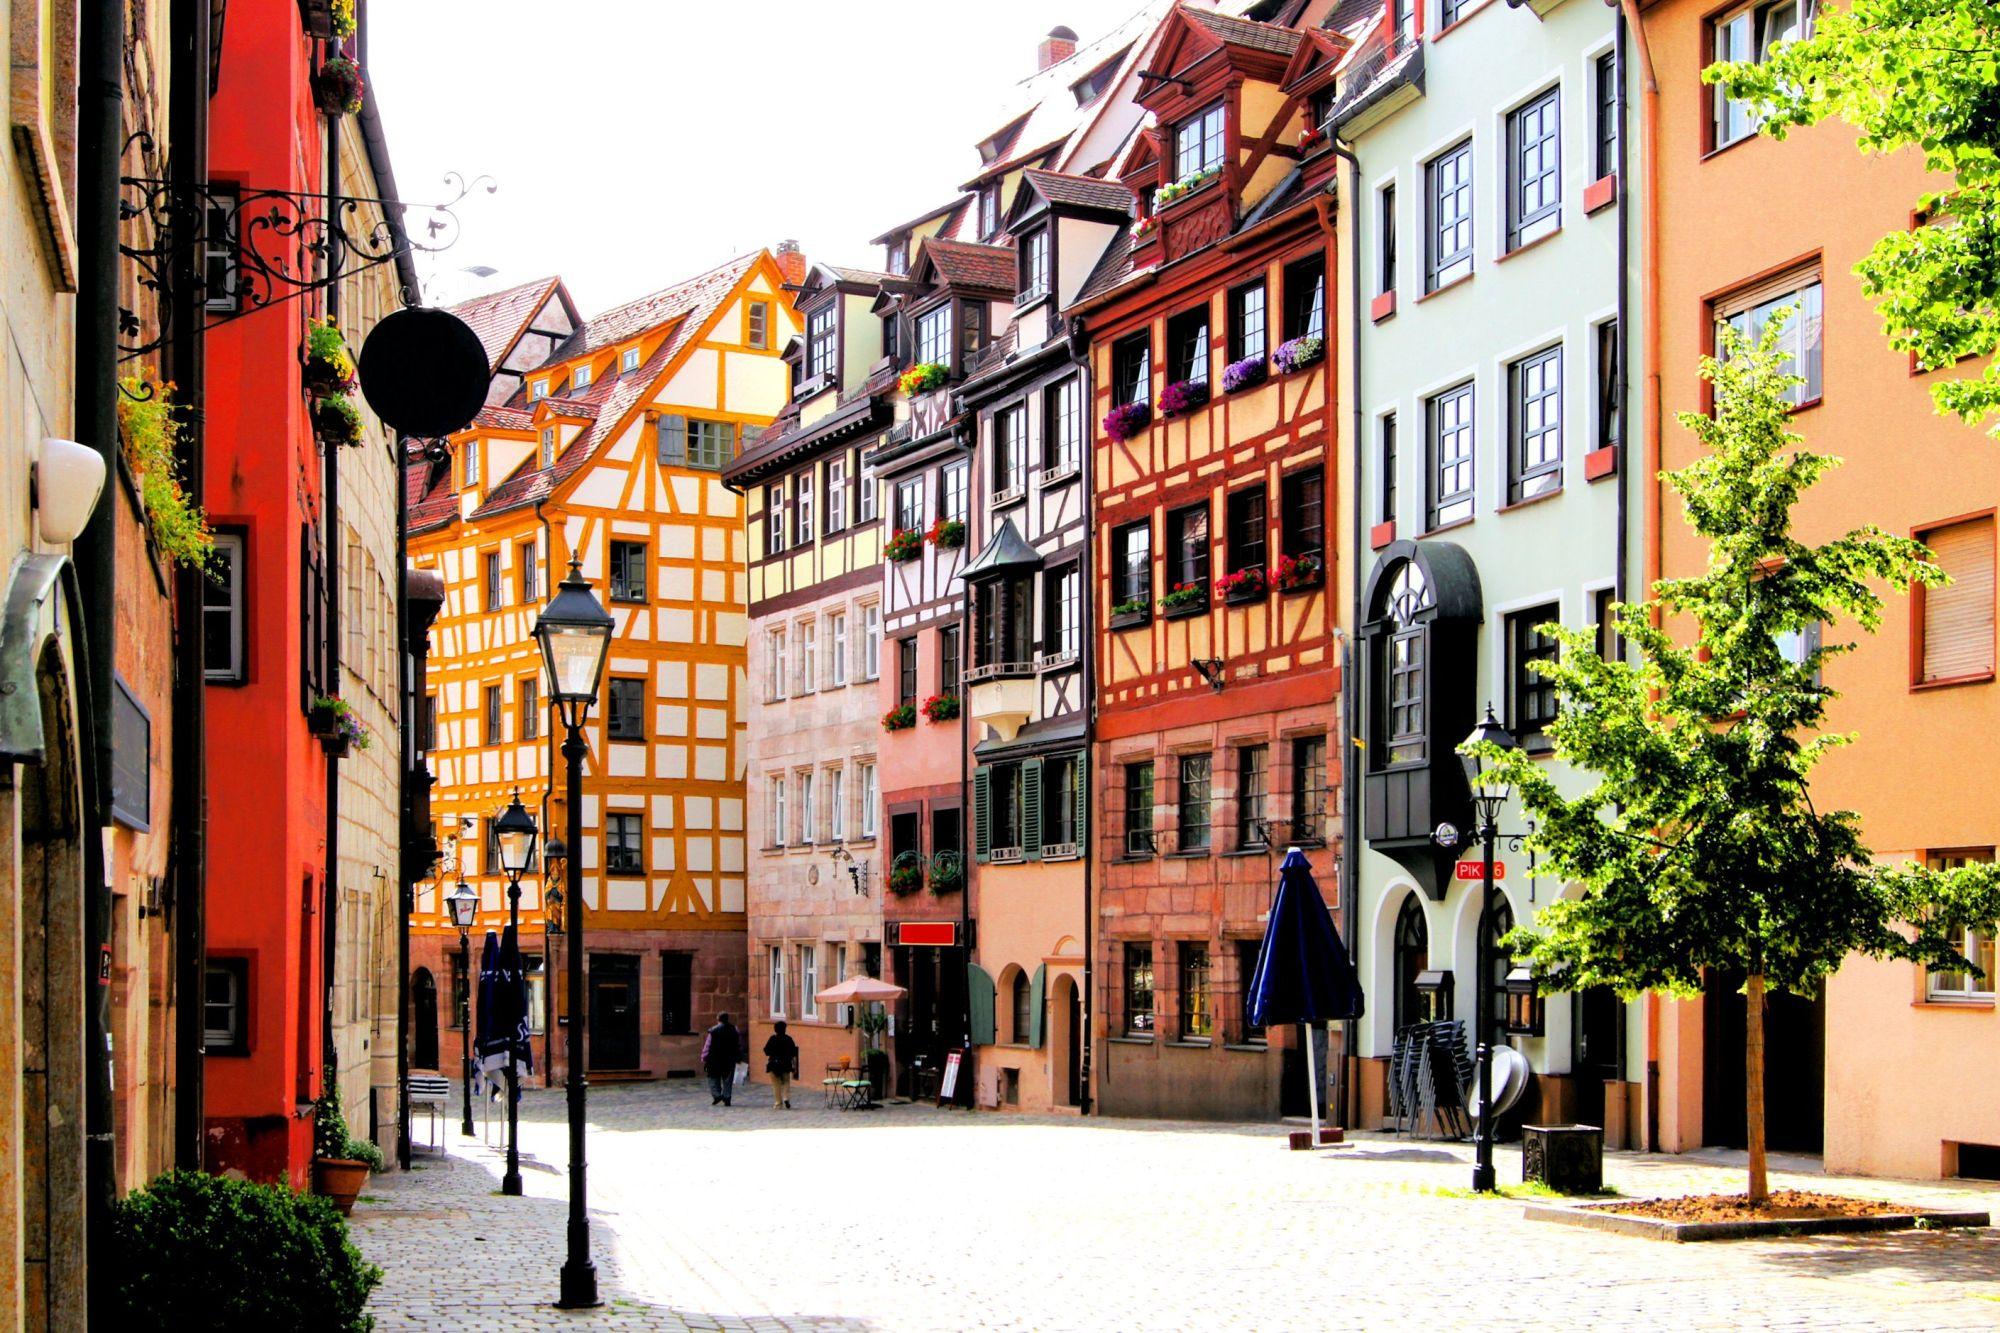 Norymberga widok ulicy